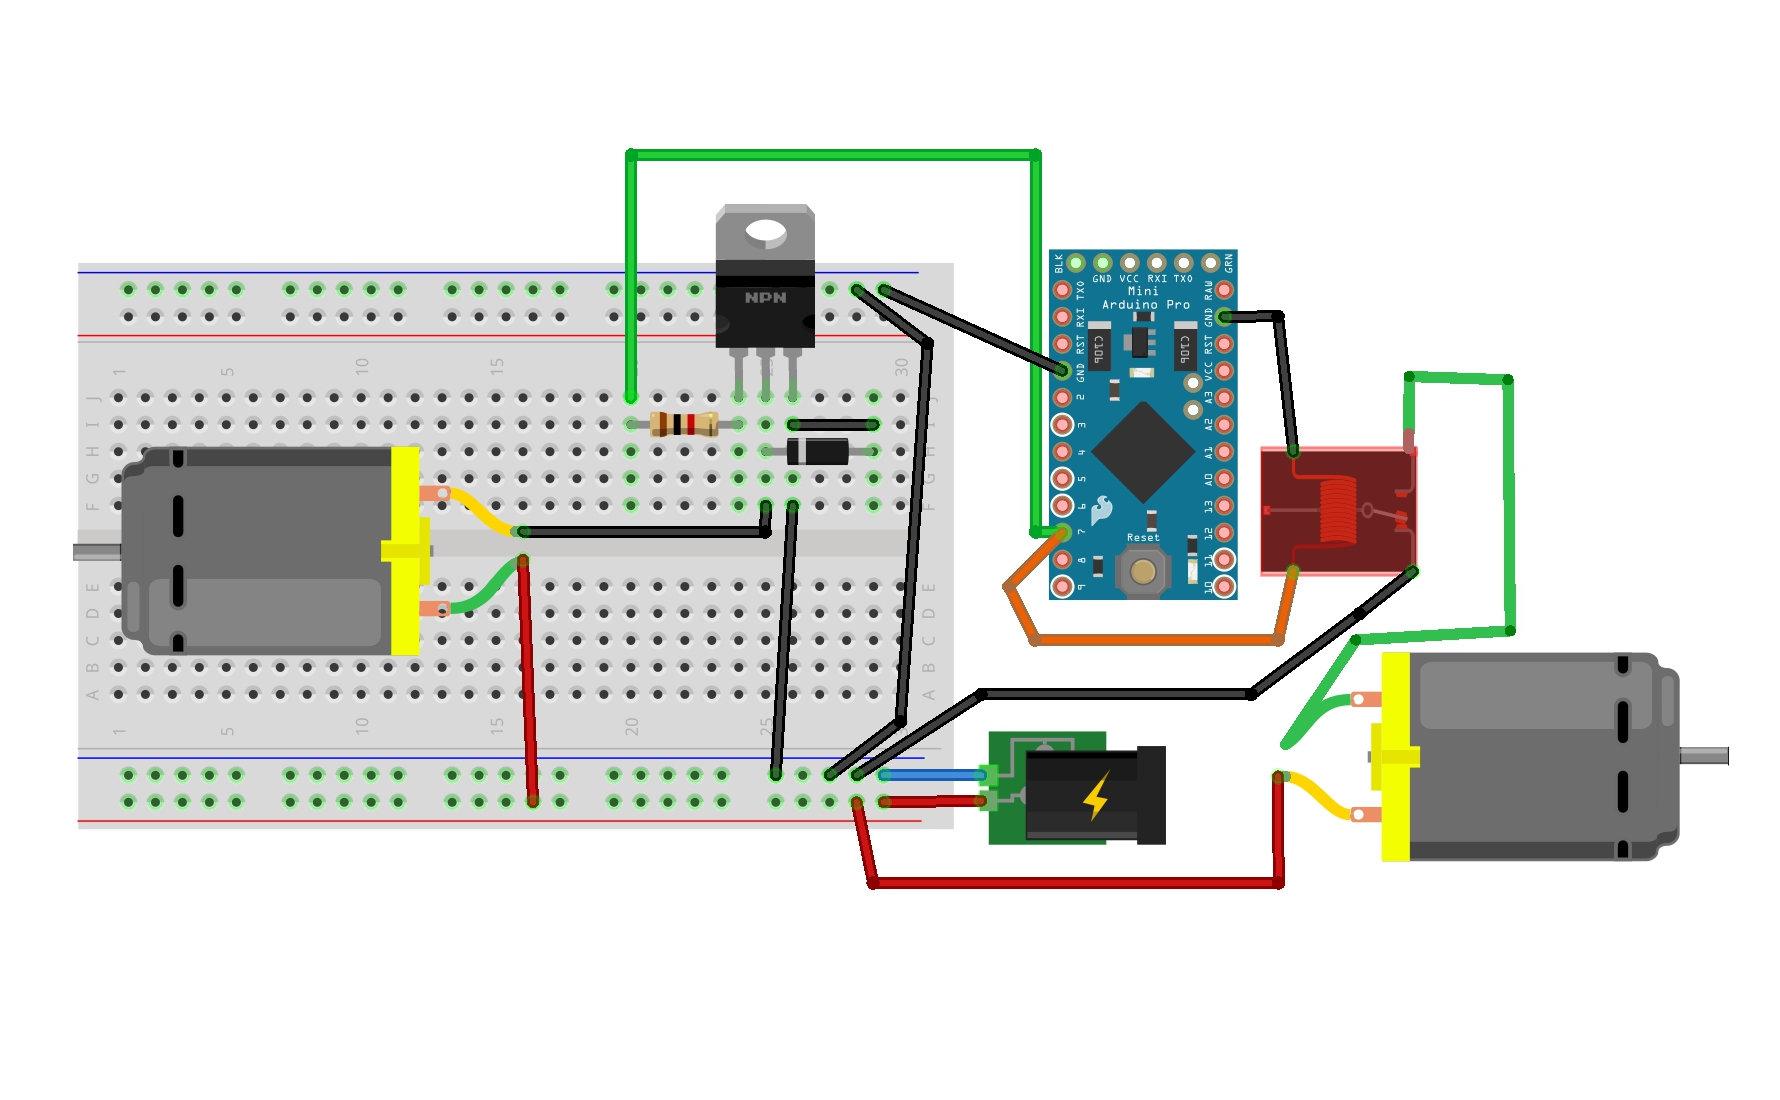 Transistorrelais2 v2